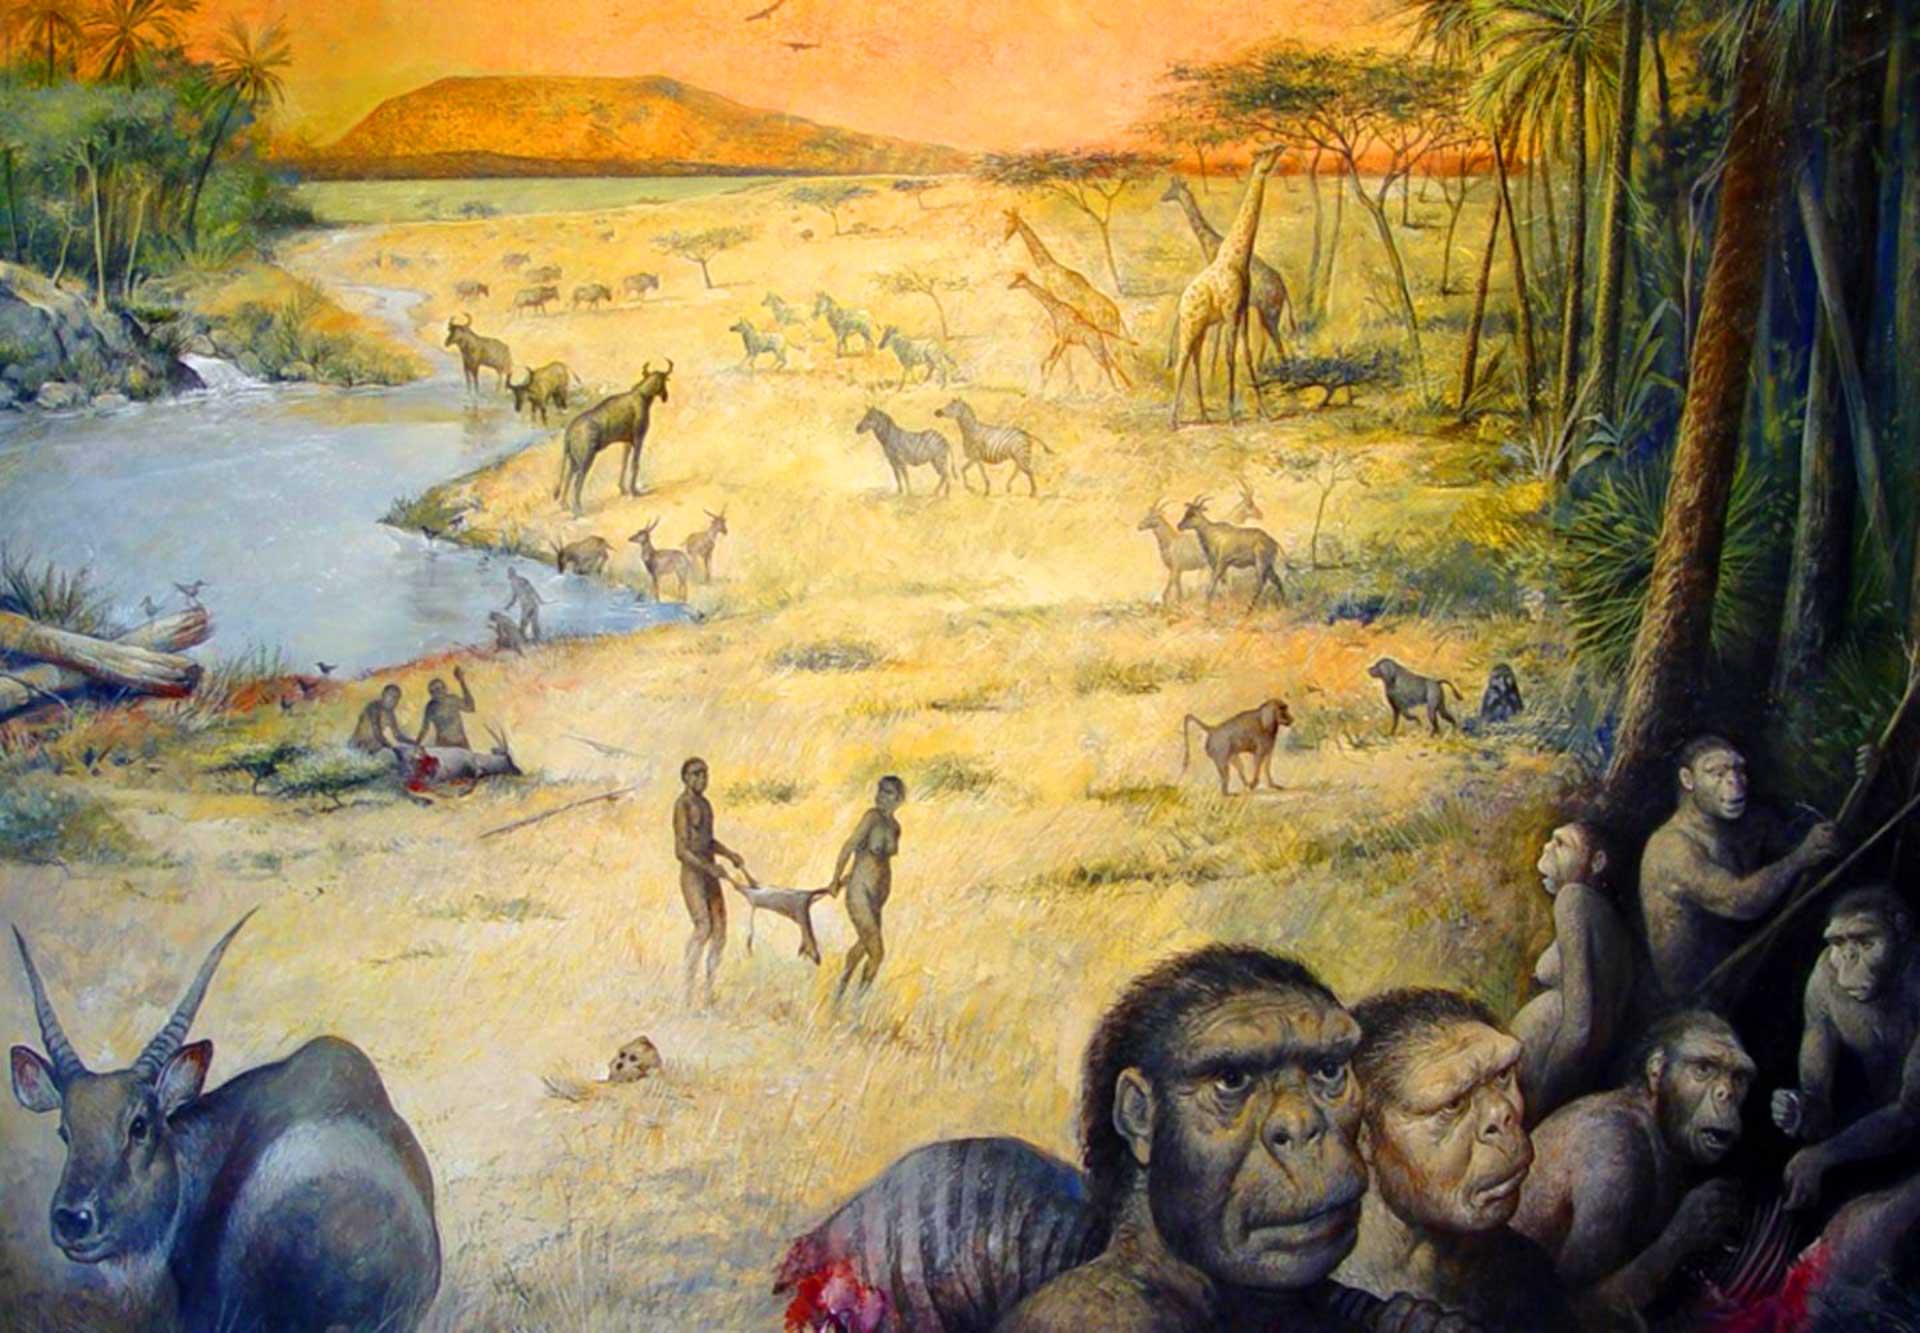 Bilimciler 1,8 milyon yıl önce erken insan habitatının nasıl olduğunu ilk kez ortaya çıkardı. Credit: Olduvai Paleoantropoloji ve Paleoekoloji Projesi aracılığıyla M.Lopez-Herrera Ve Enrique Baquedano.